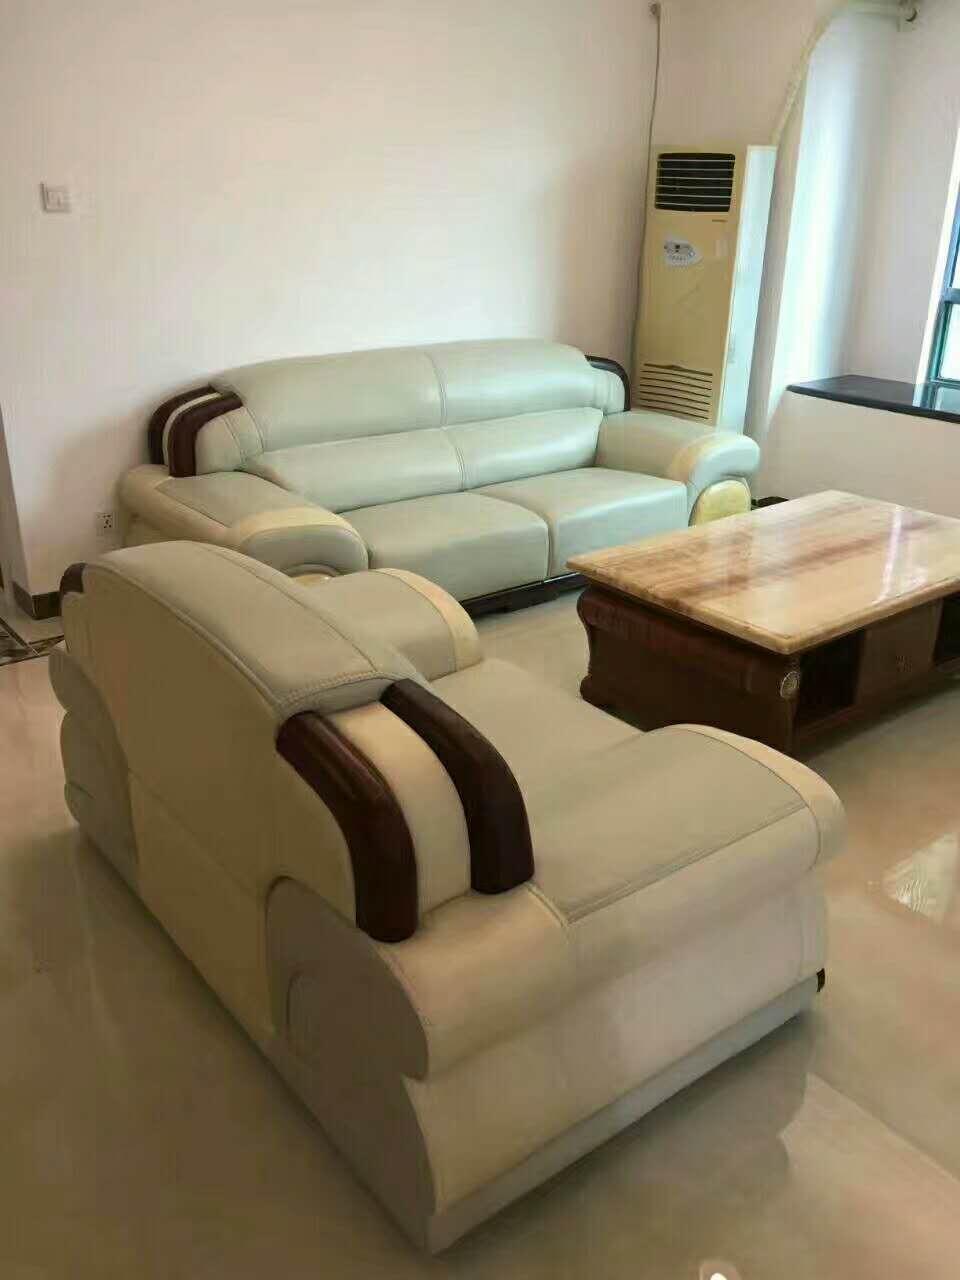 沙发翻新有哪些留意事项